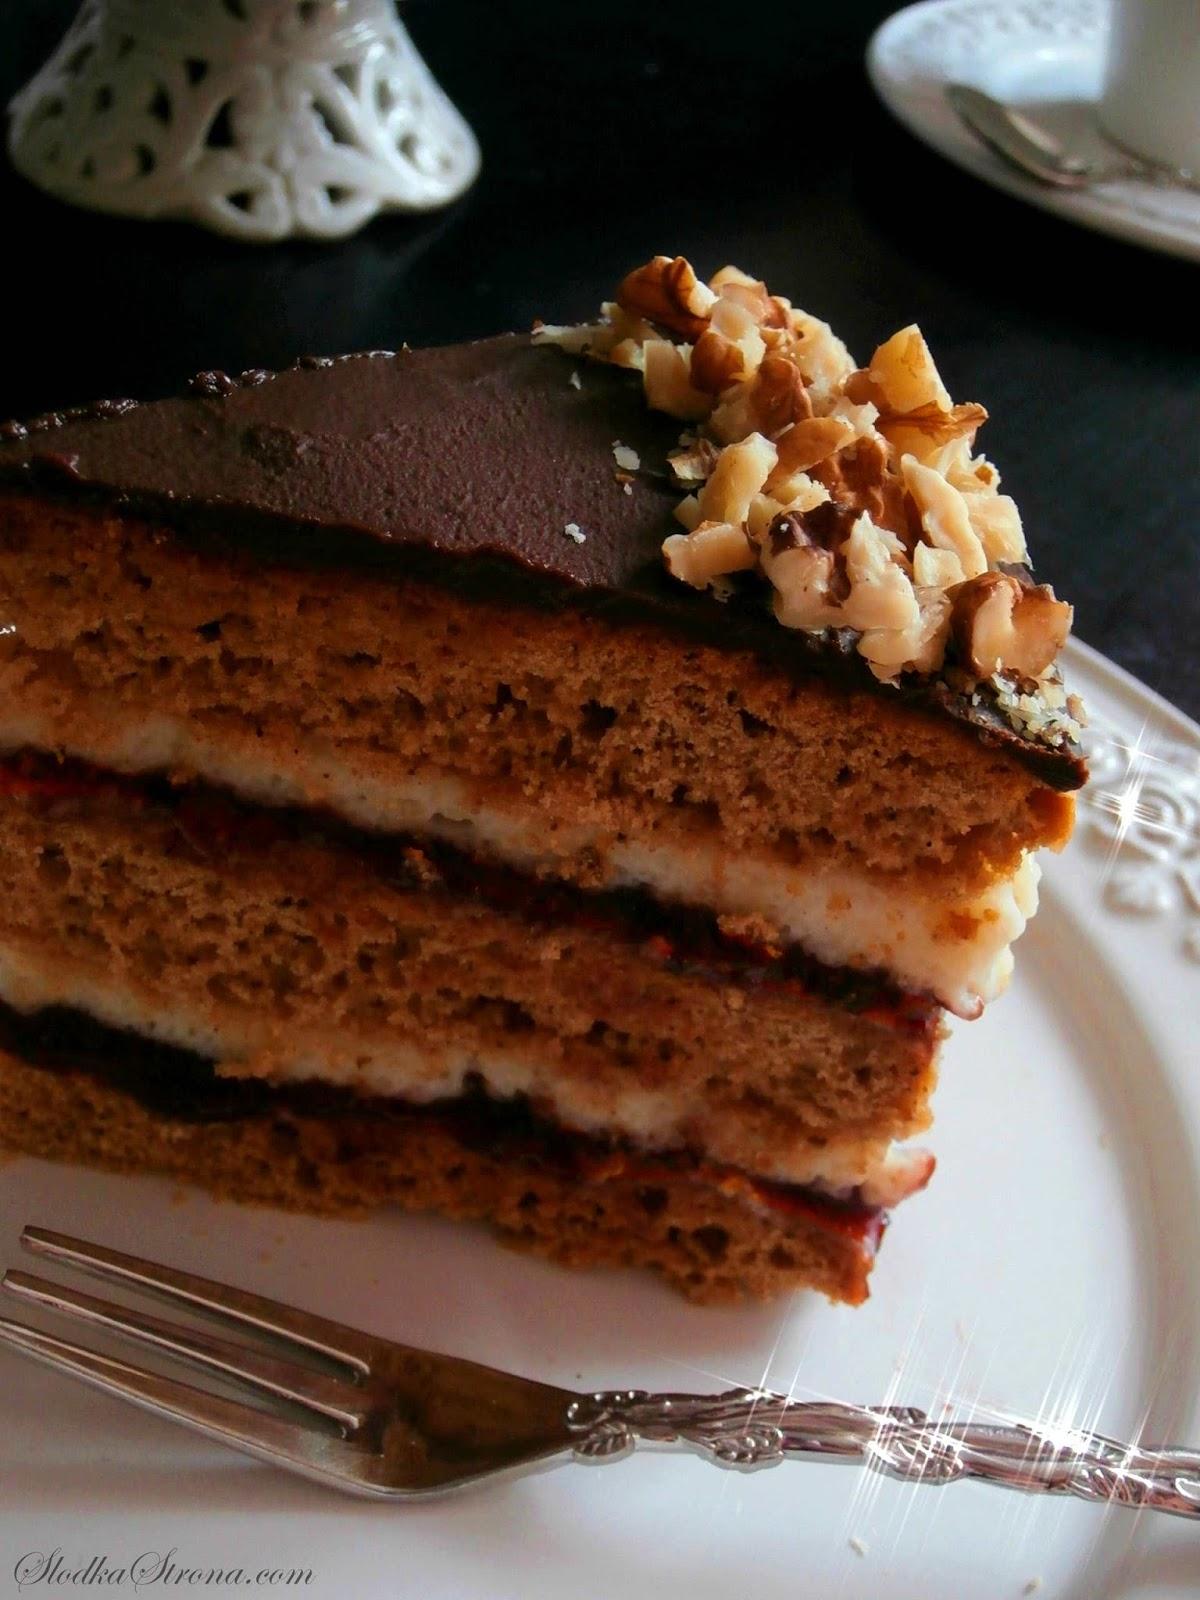 Przepyszny, aromatyczny torcik Bożonarodzeniowy o bardzo świątecznym smaku. Powidła śliwkowe idealnie komponują się z słodziutką masą z kaszki manny i piernikowymi spodami ciasta tworząc piernikowy tort idealny na święta Bożego Narodzenia. tort piernikowy, tort piernikowy przepis, tort z masa z kaszy manny,kasza manna, piernik, tort z orzechami łoskimi, święta, boże narodzenie wigilia, ciasta świąteczne, ciasta na boże narodzenie, ciasto piernikowe, ciasto piernikowe przepis, ciasta bożonarodzeniowe, torty bożonarodzeniowe, boże narodzenie przepisy, wigilia przepisy,